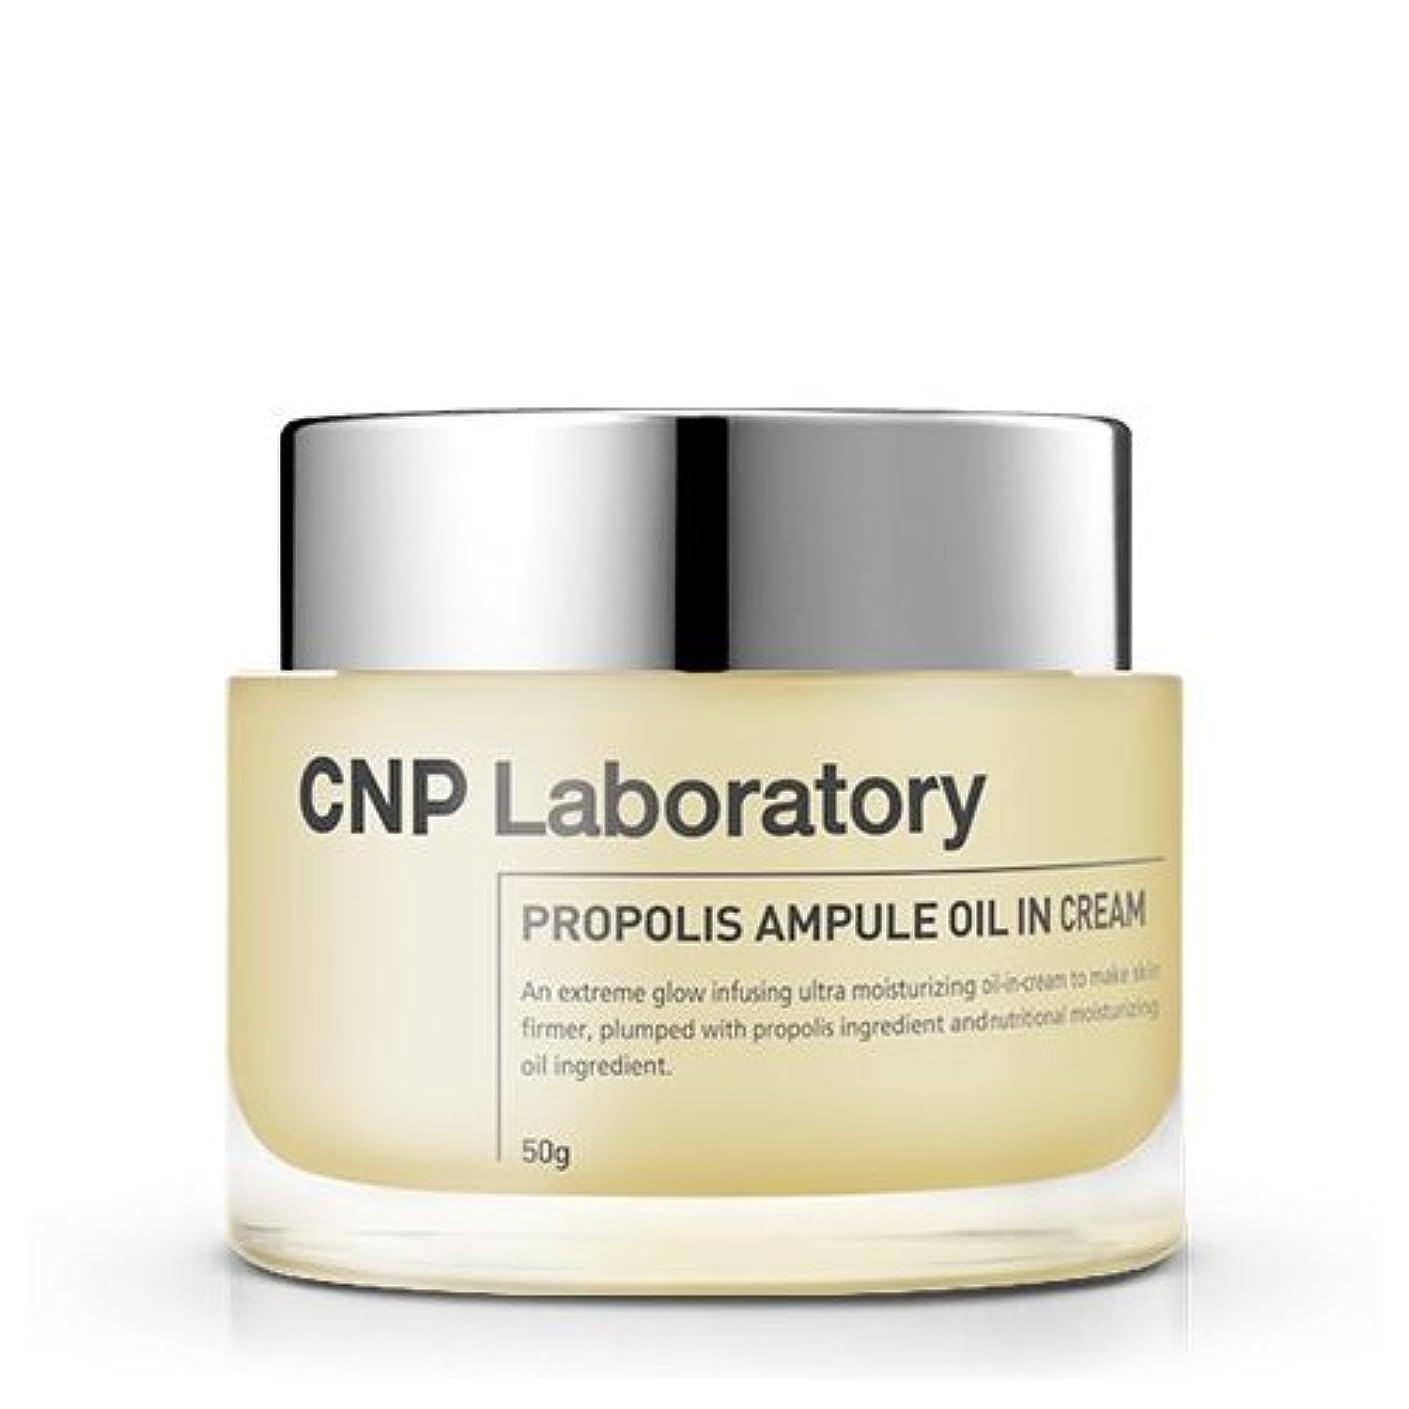 デコラティブピン俳句CNP Laboratory プロポリスアンプルオイルインクリーム50ミリリットル